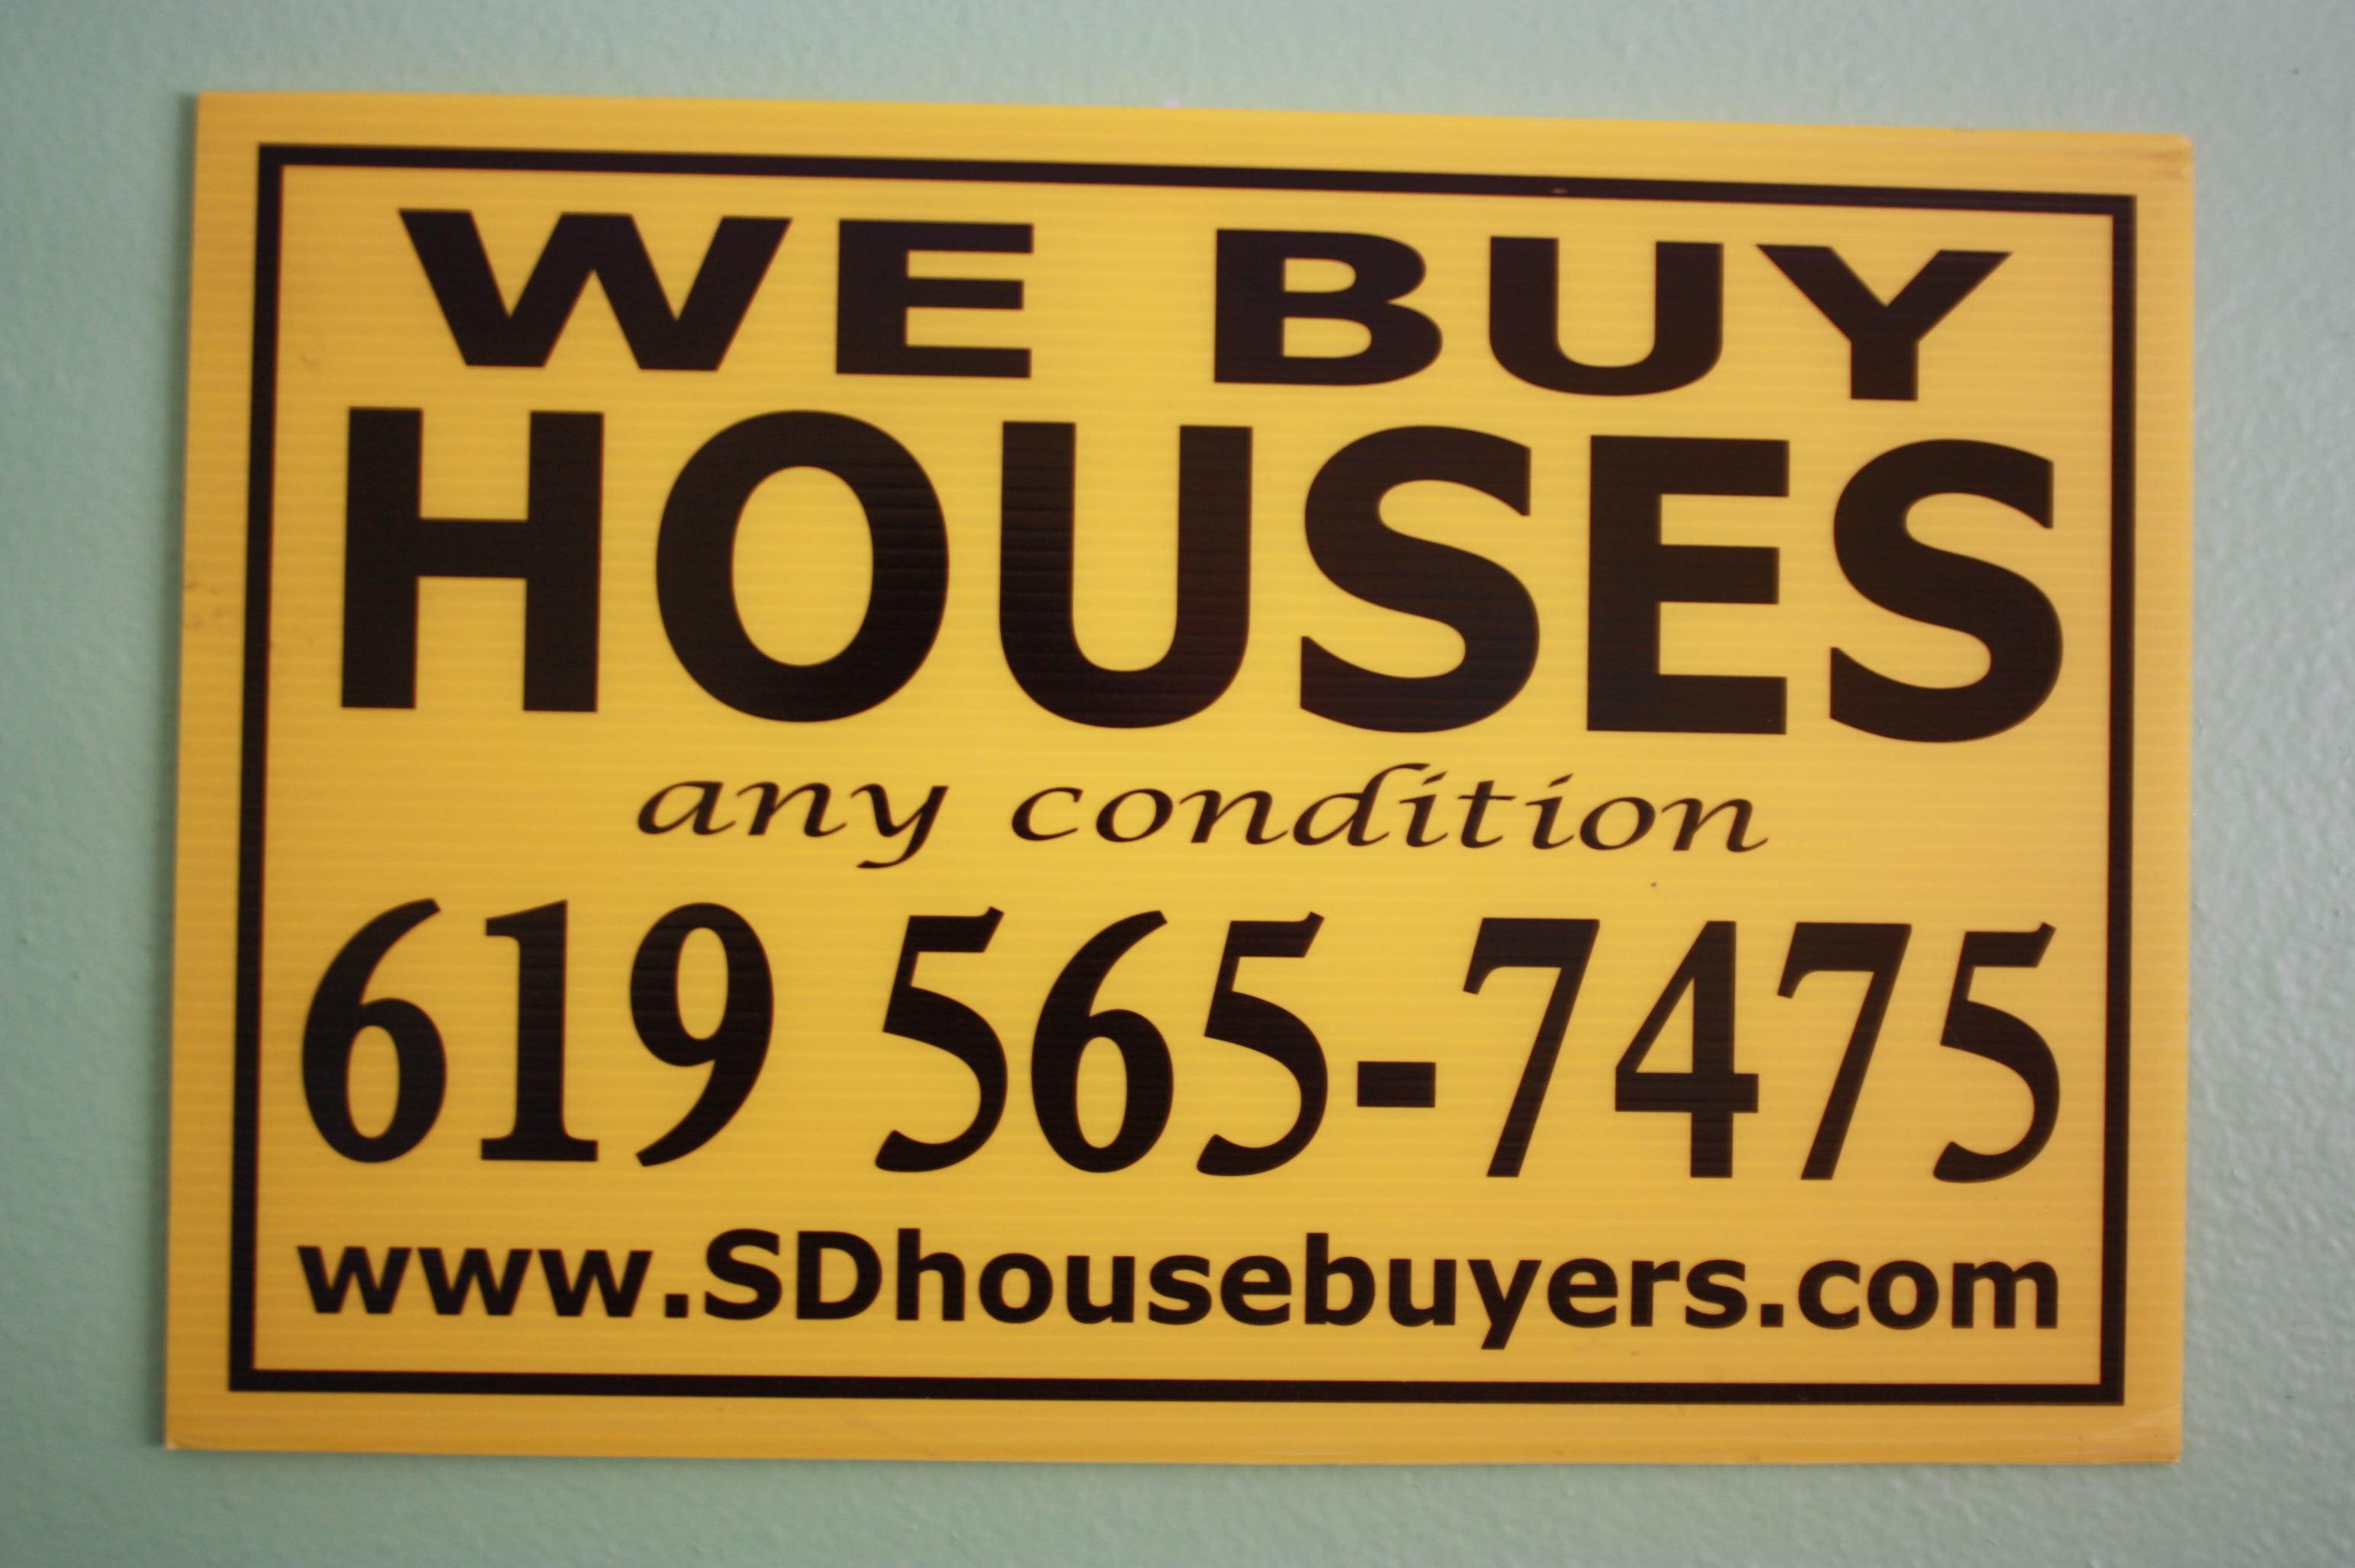 We Buy Houses San Diego, San Diego Homebuyers